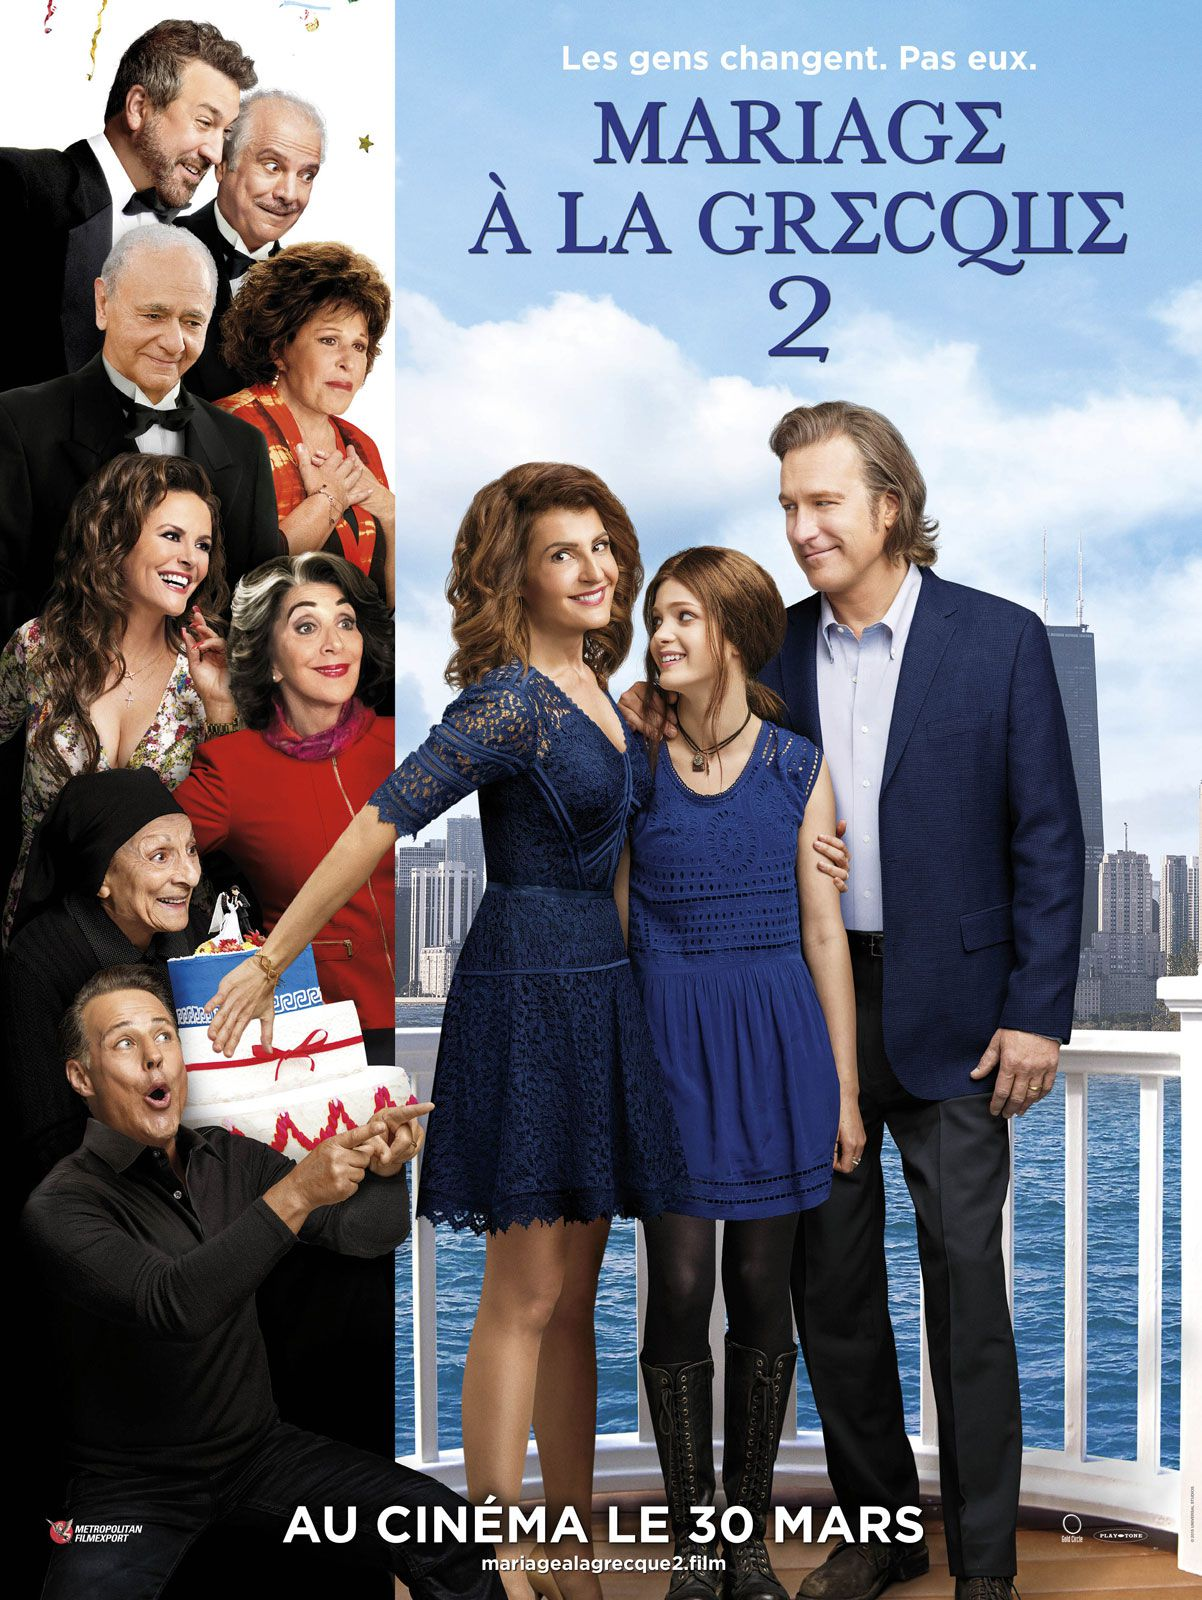 Mariage à la grecque 2 - Film (2016)